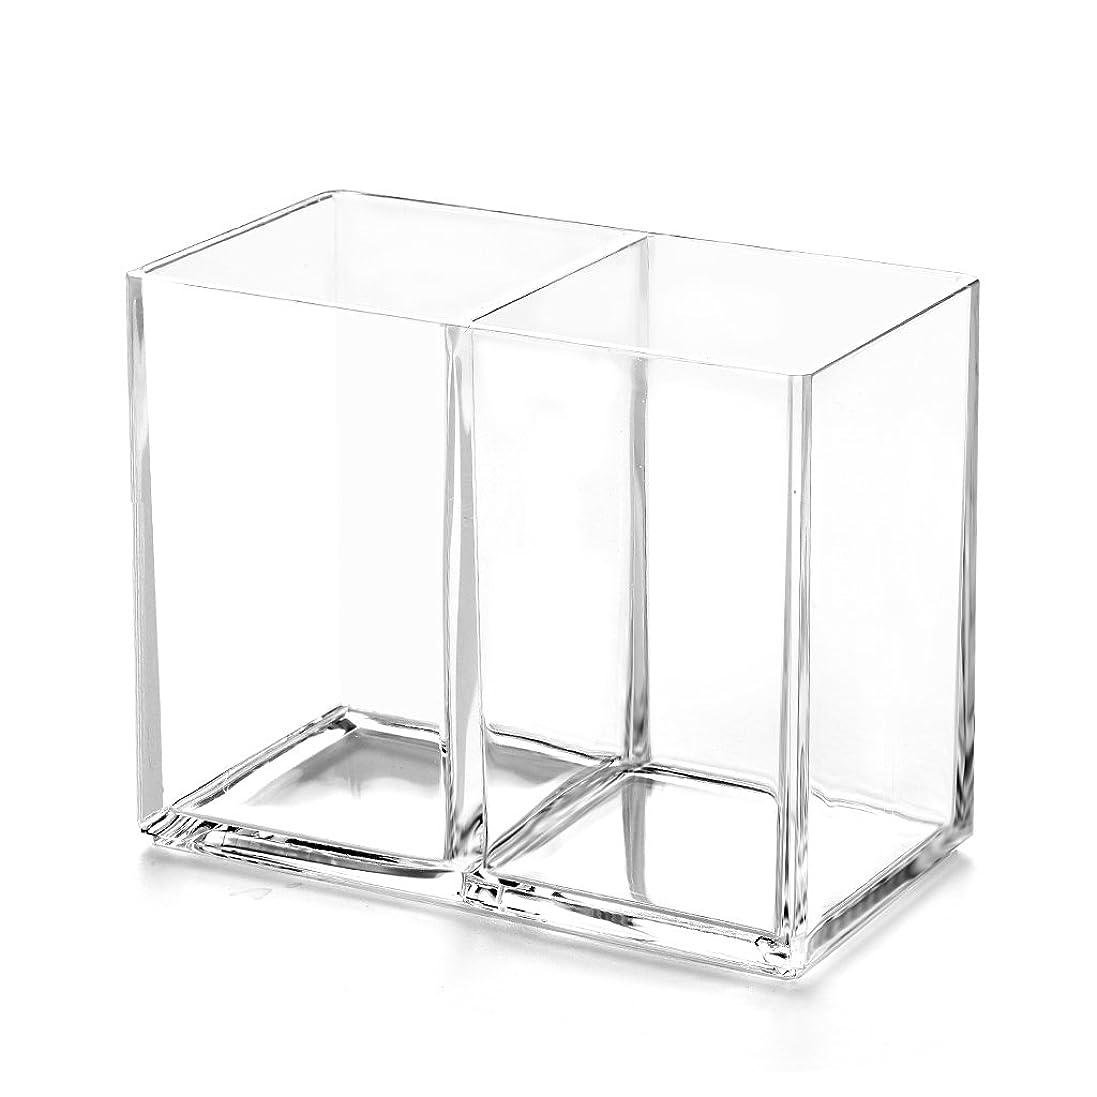 確認してください混雑ブレイズRiLiKu アクリルメイクブラシ収納ボックス 2段透明ペン立て 卓上文房具収納ボックス